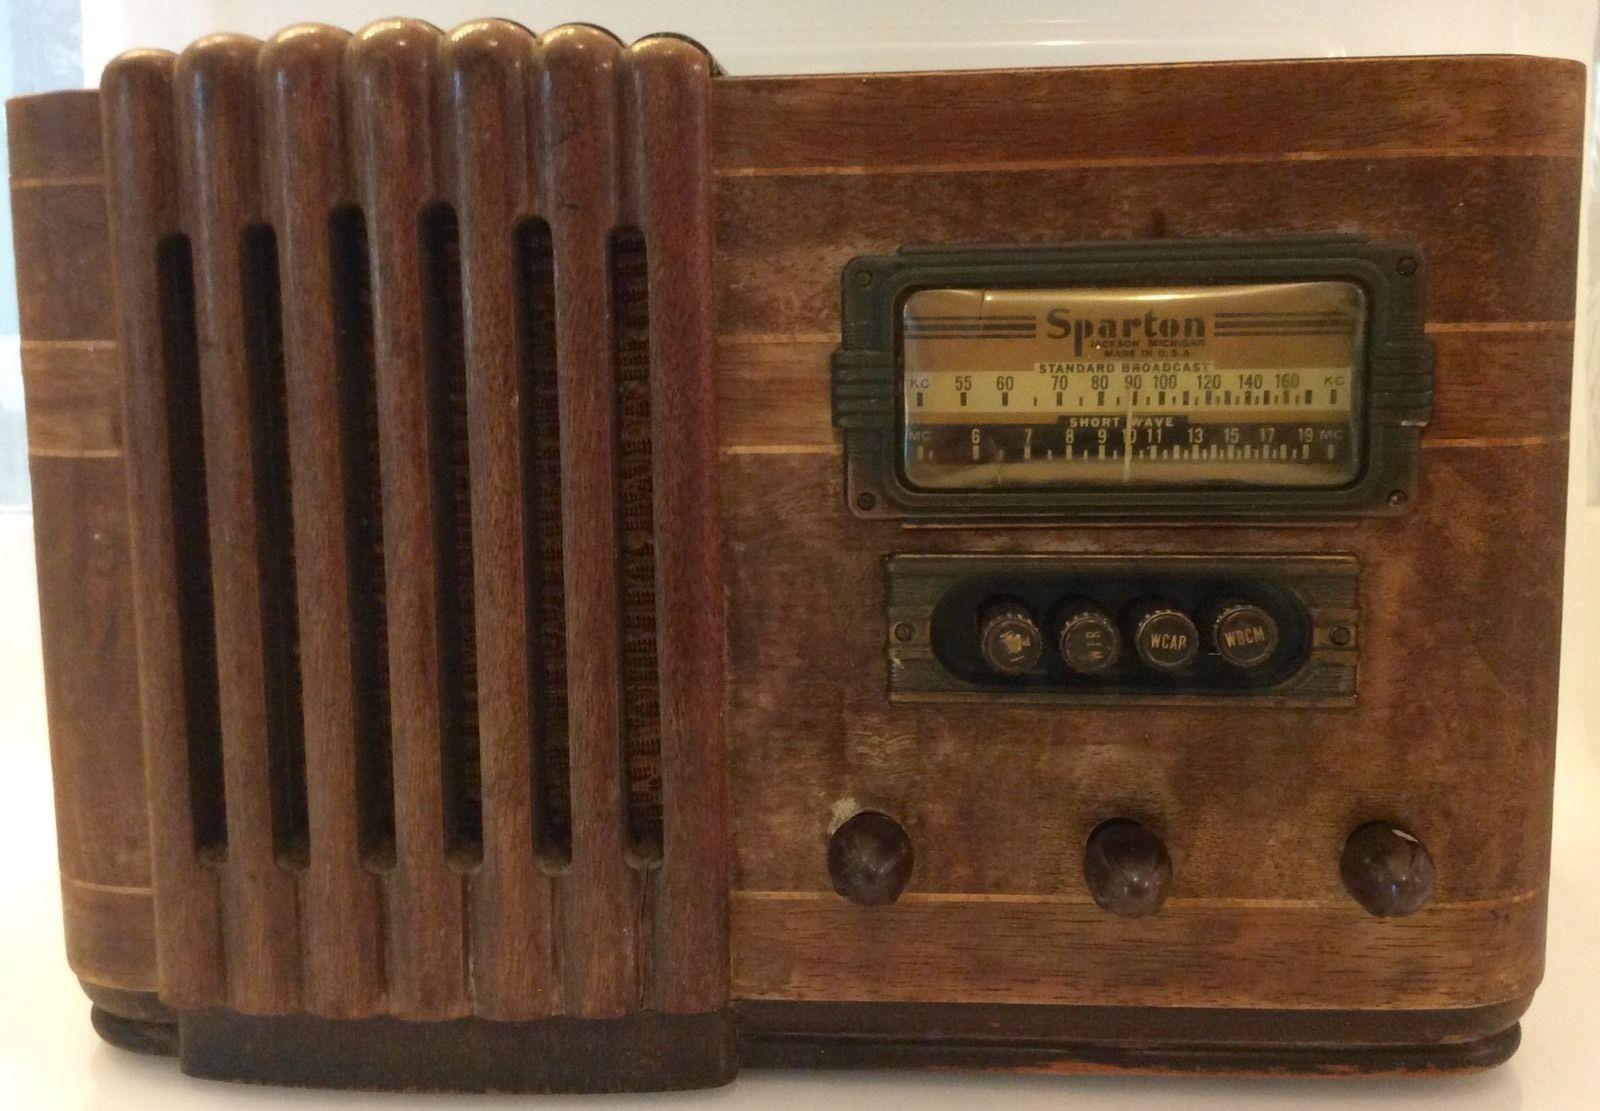 Vintage 1940s Sparton Tube Radio Waterfall Style Tabletop Wood Veneer For Repair Ebay Antique Radio Vintage Radio Old Time Radio